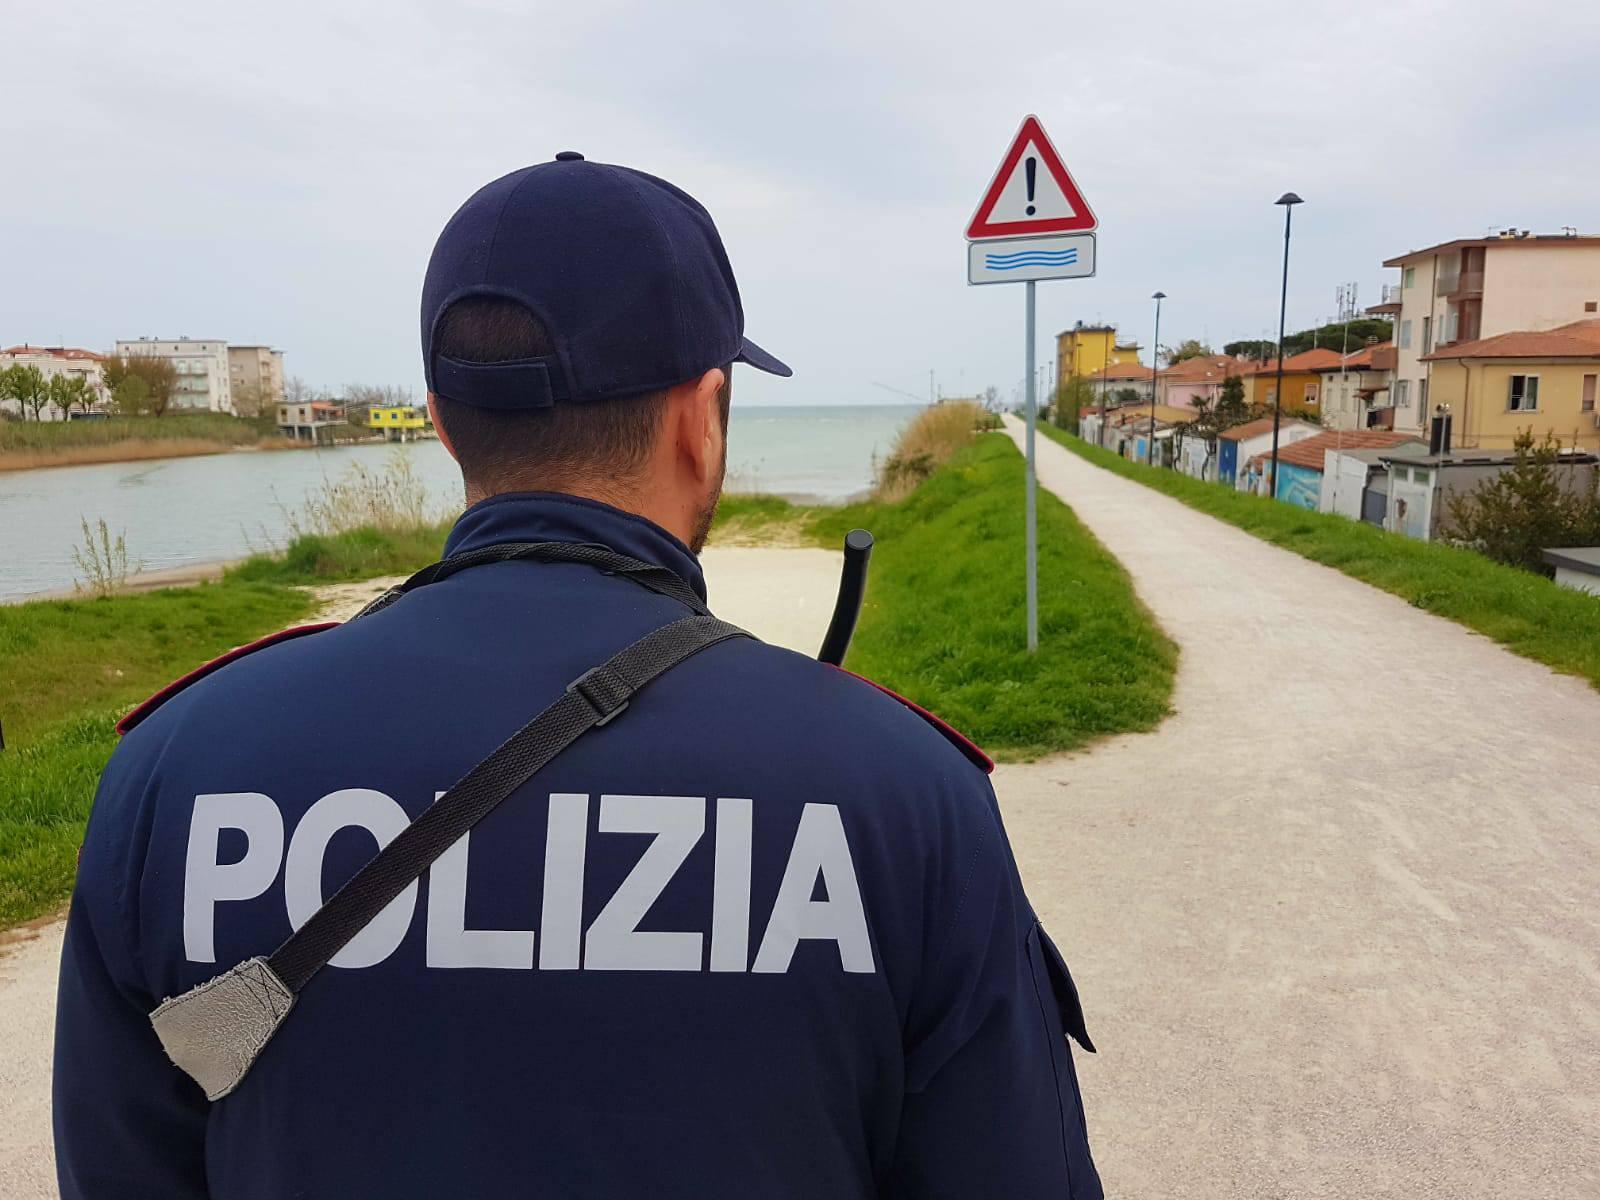 Cadavere in via Coletti. La polizia indaga per omicidio